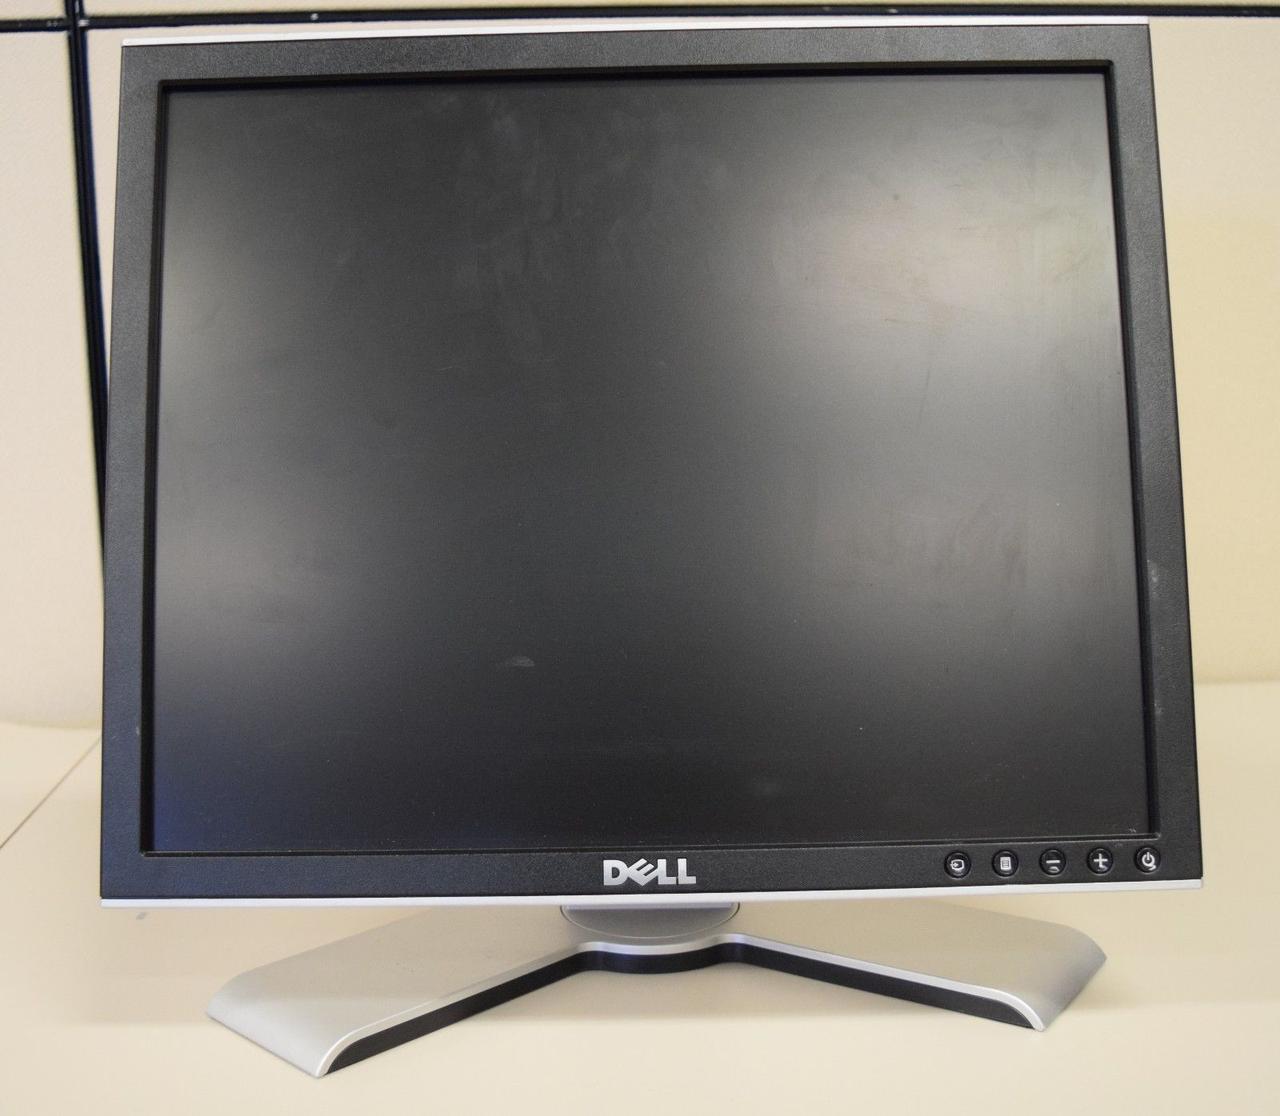 Монитор, Dell 1707, 17 дюймов